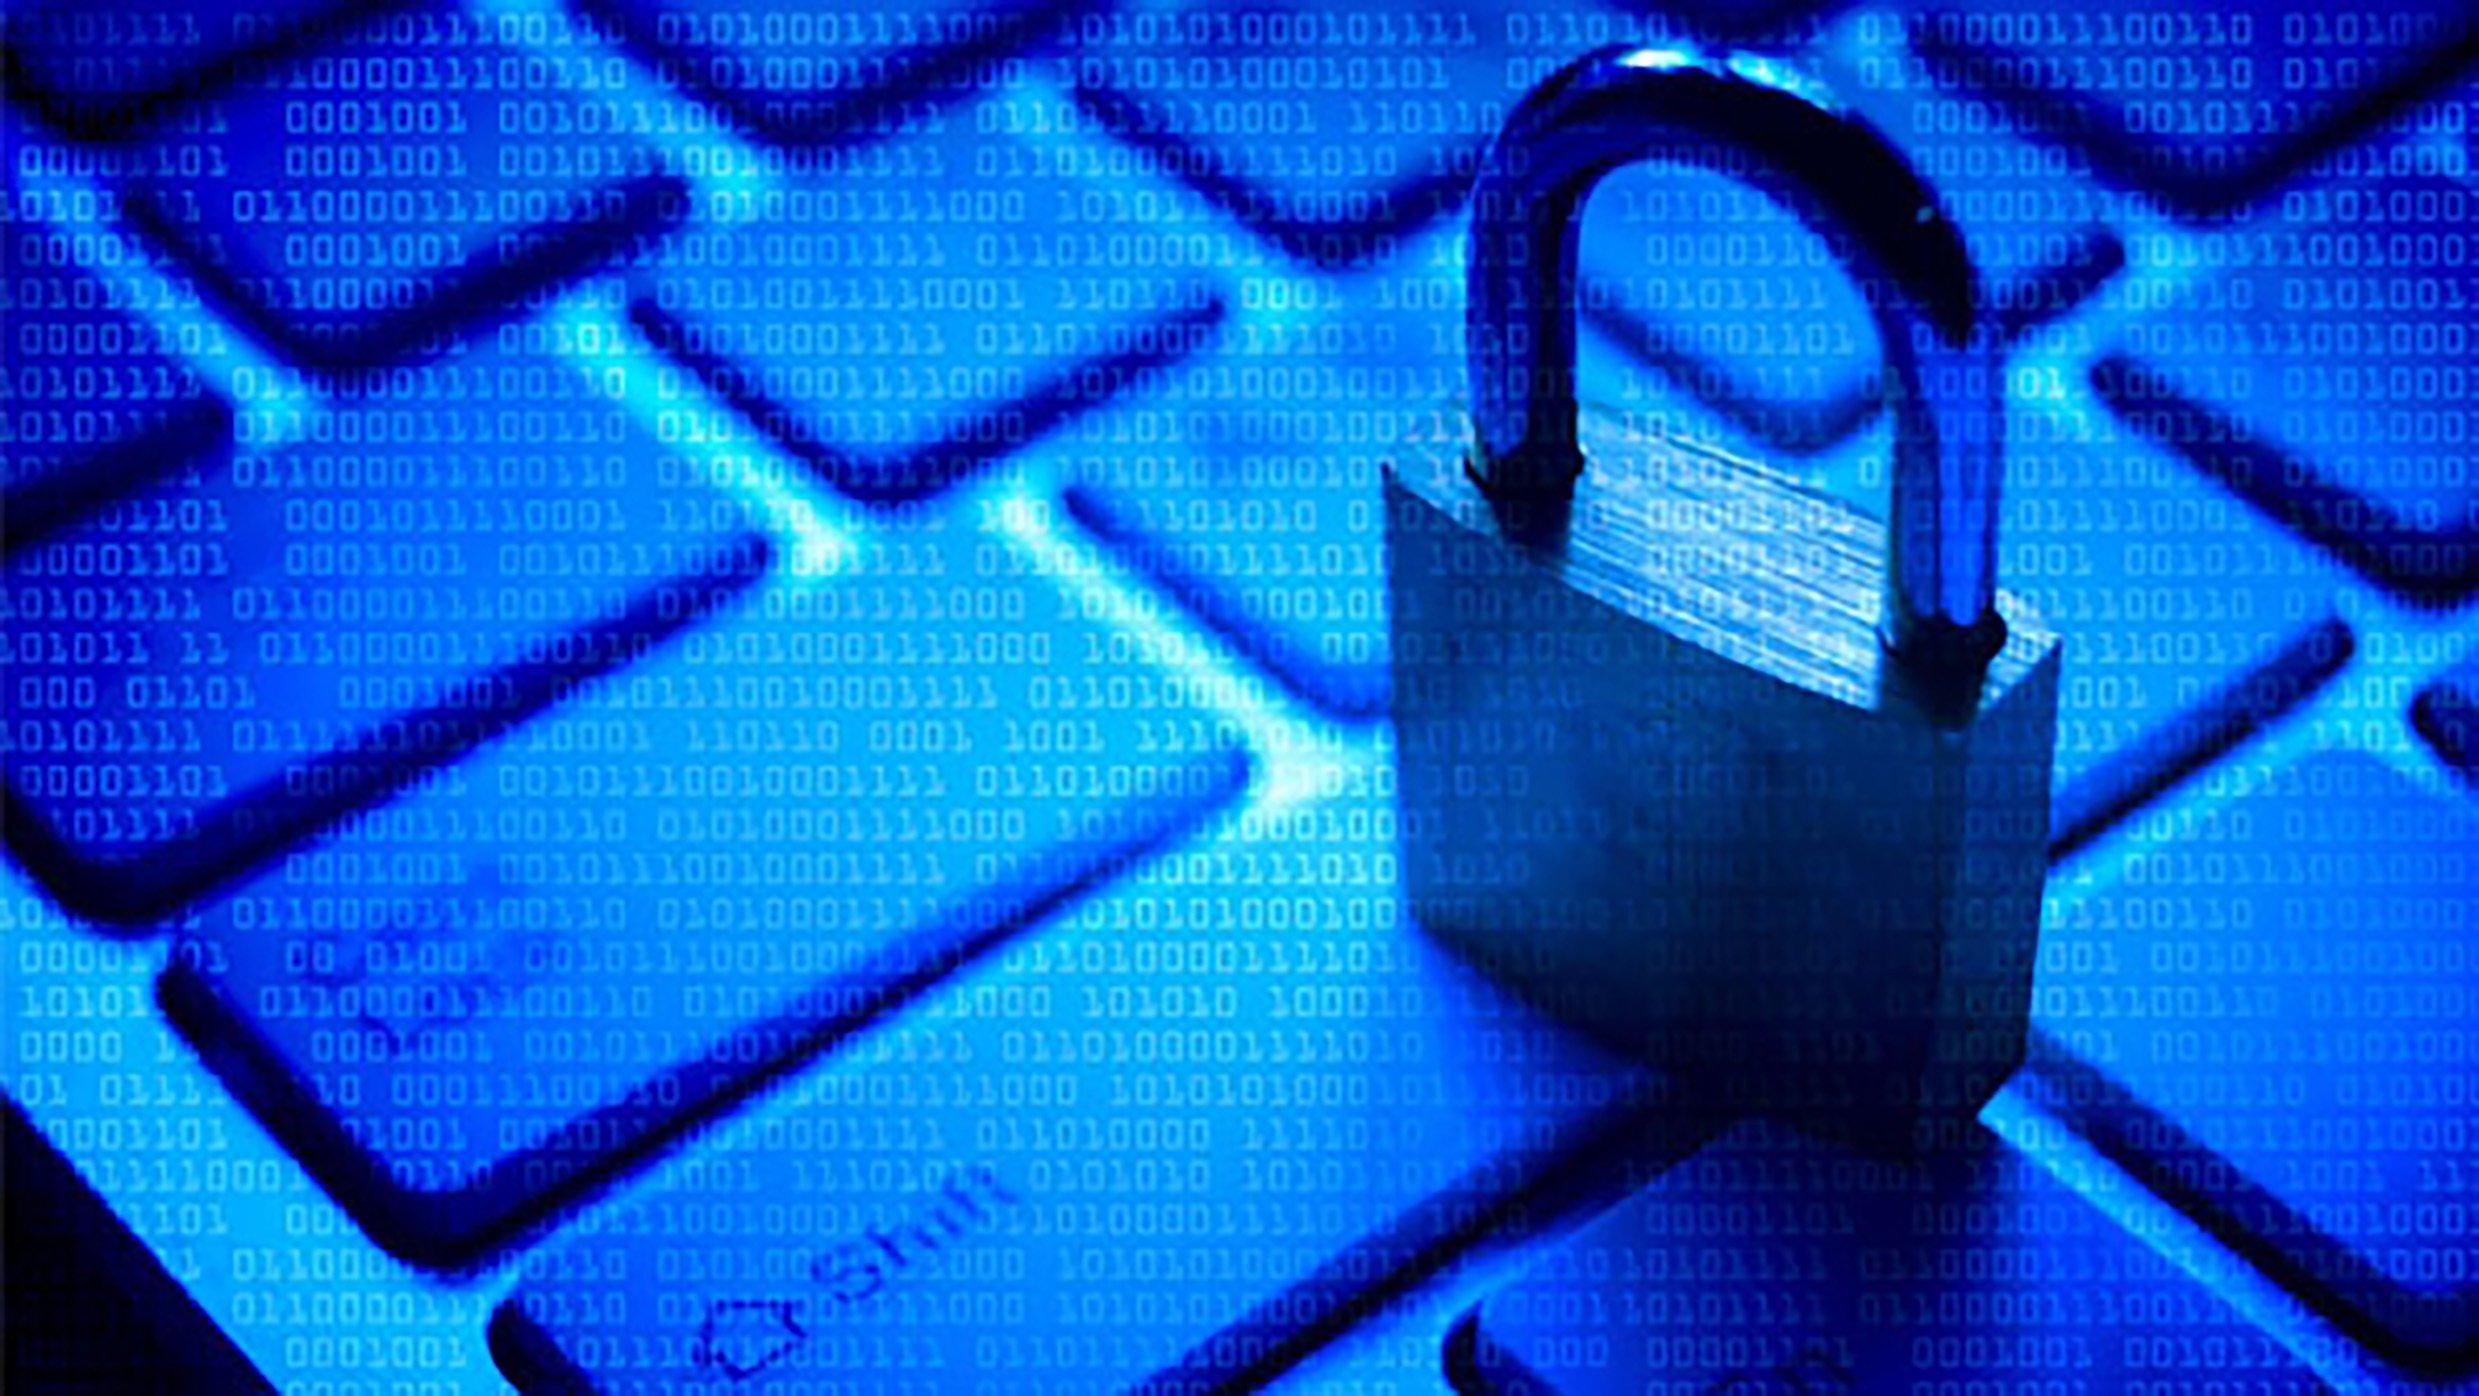 Renforcer la protection des environnements OT contre les cyber-menaces